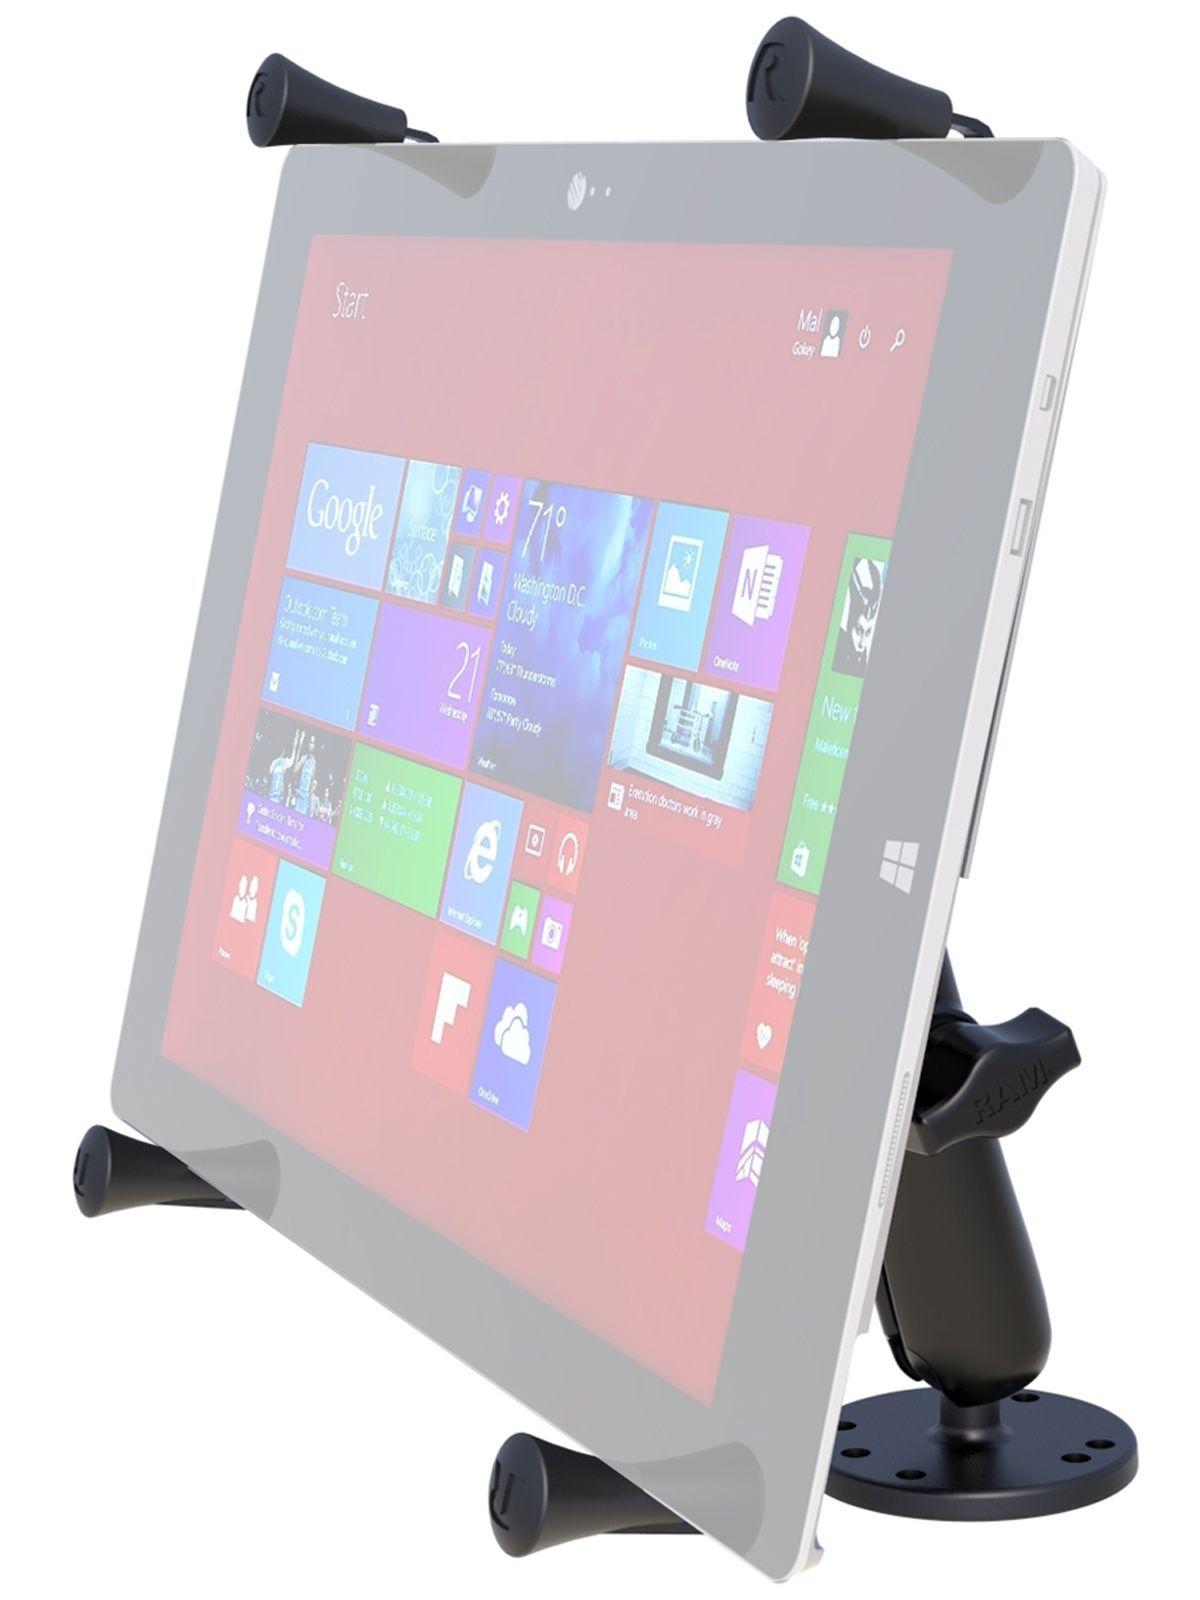 RAM Mounts X-Grip Aufbauhalterung für Tablets (12 Zoll) - B-Kugel (1 Zoll), runde Basisplatte (AMPS), langer Verbindungsarm